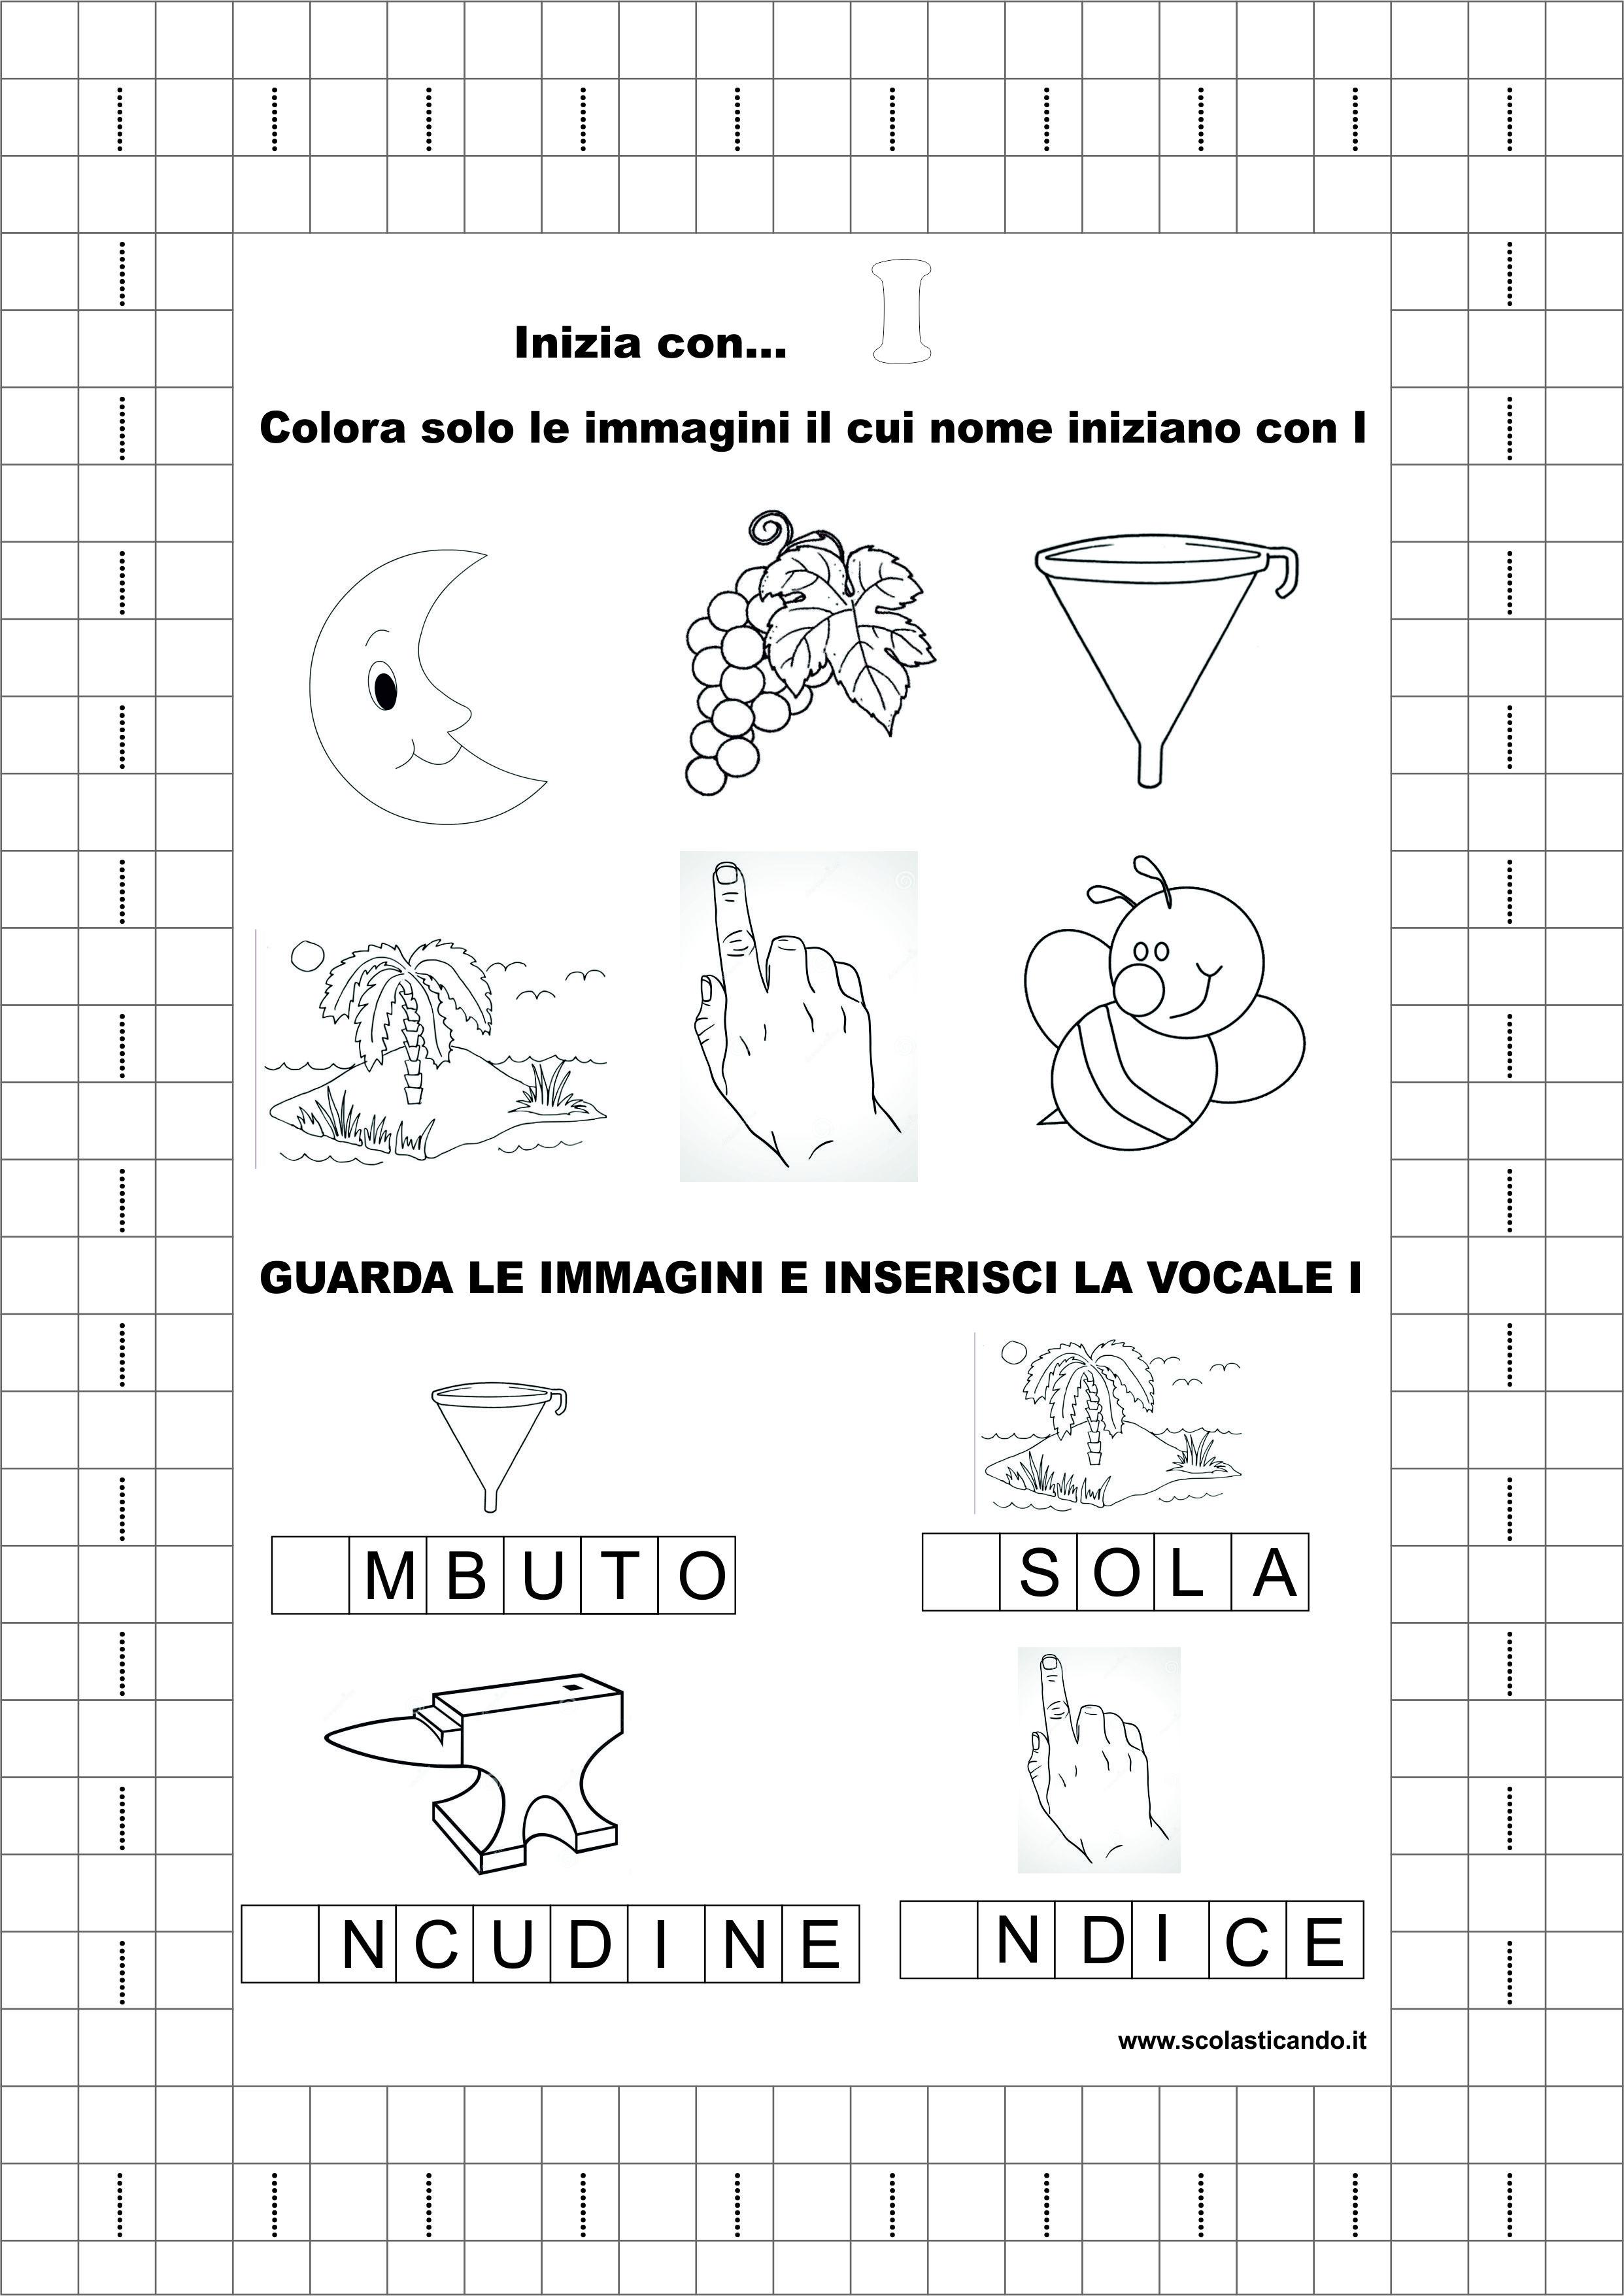 Molto Classe prima, italiano: la vocale I, schede didattiche da scaricare BJ41